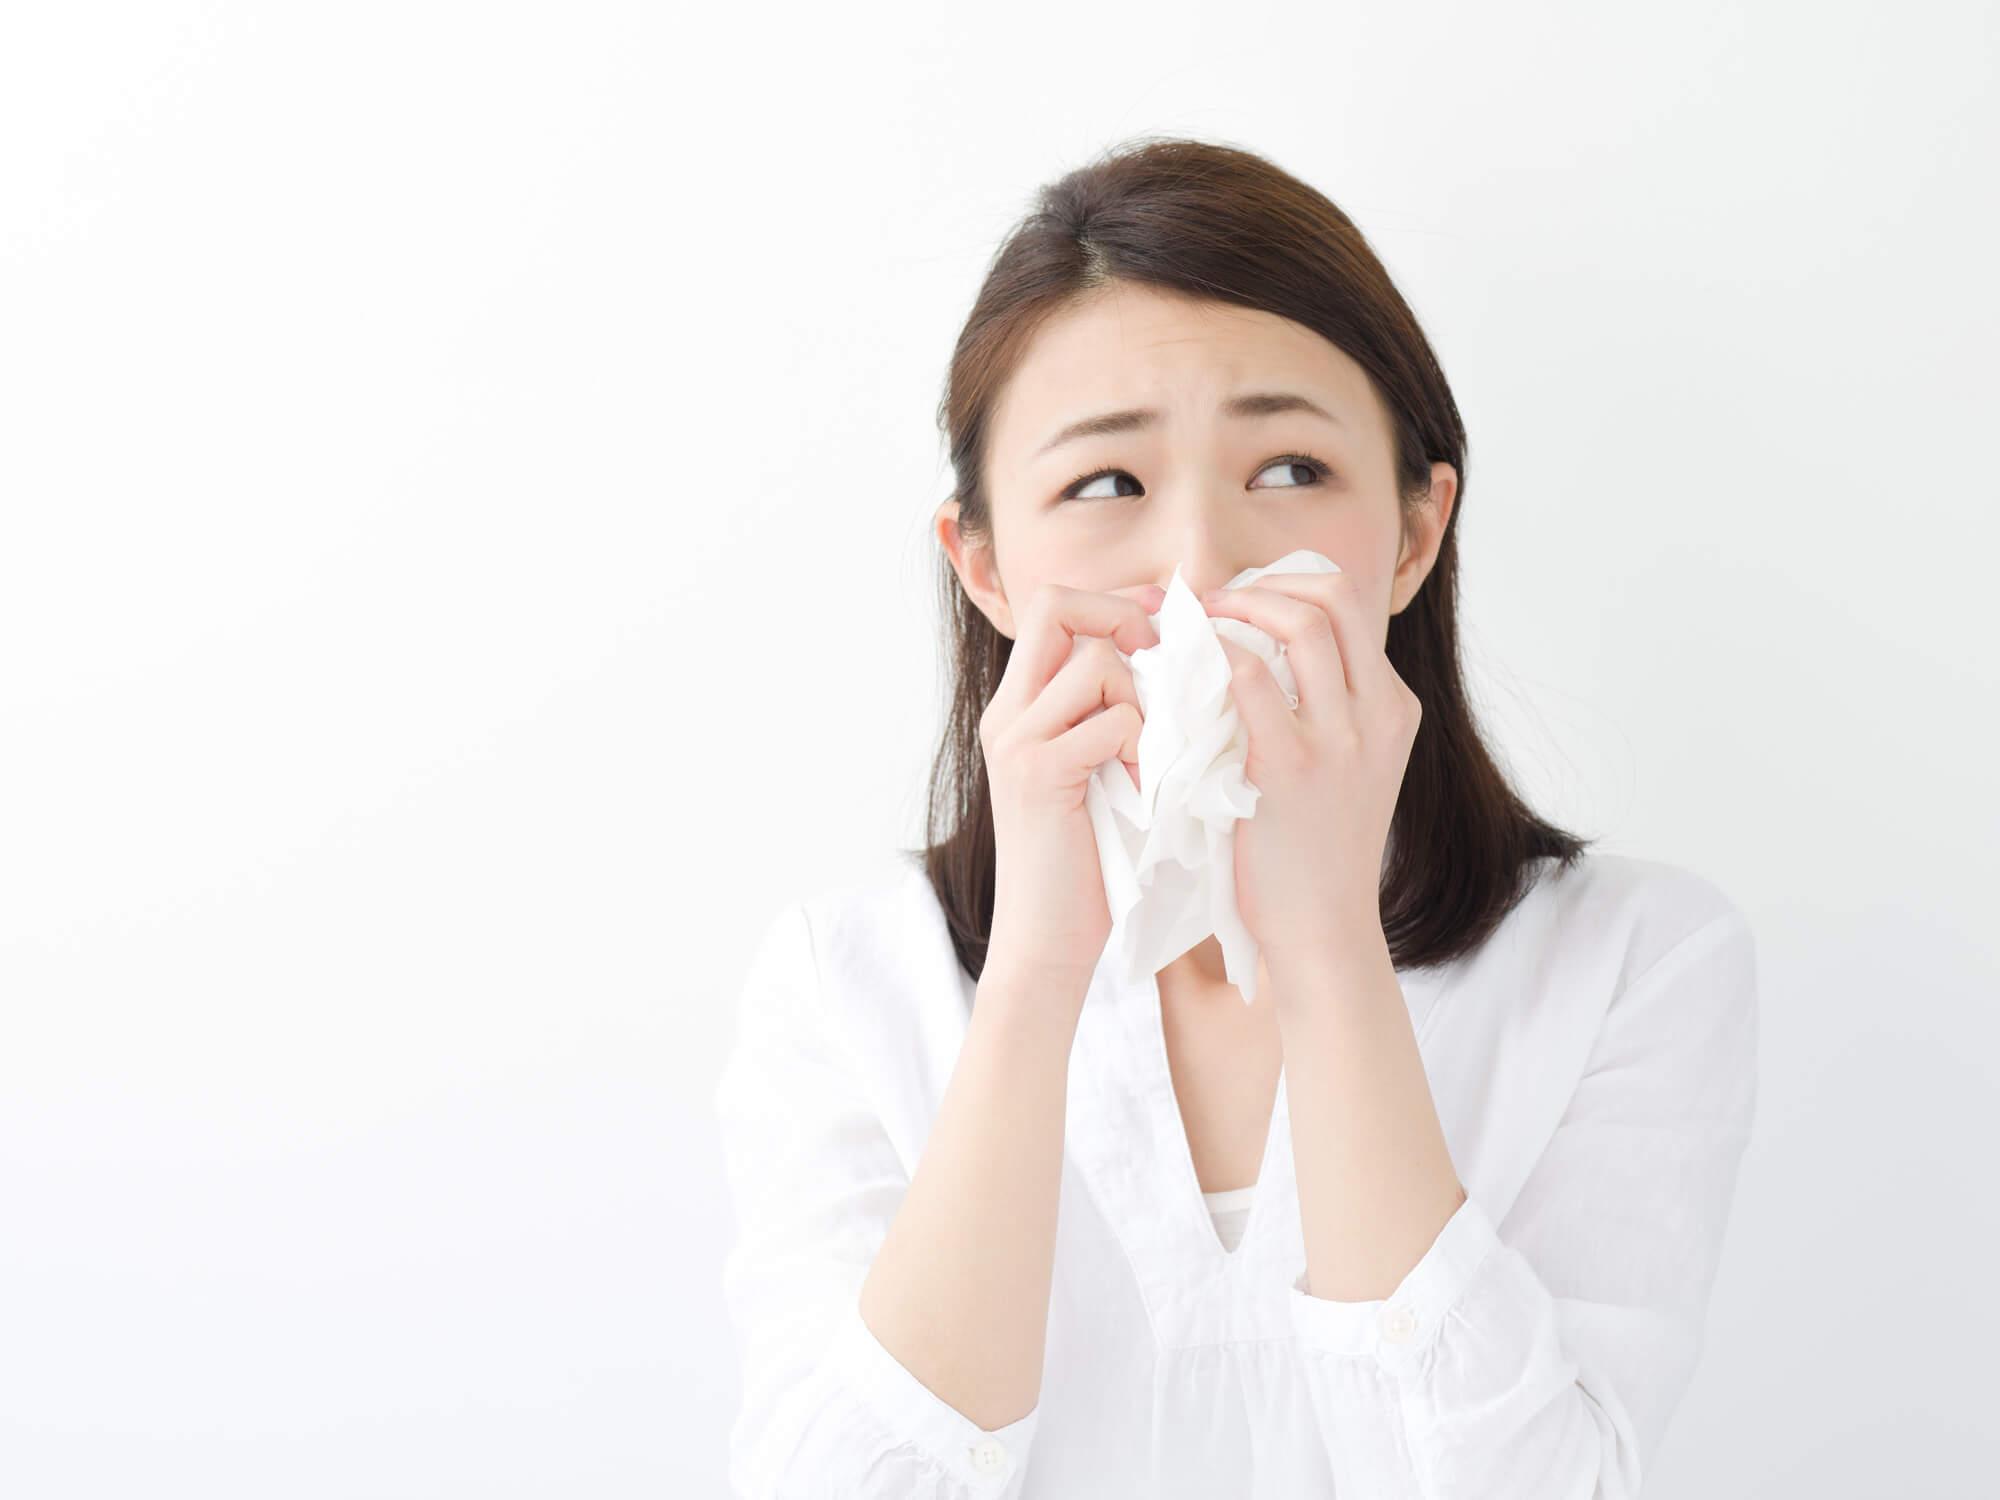 ハッカ油のメントール効果で花粉・鼻のつまりの対策!